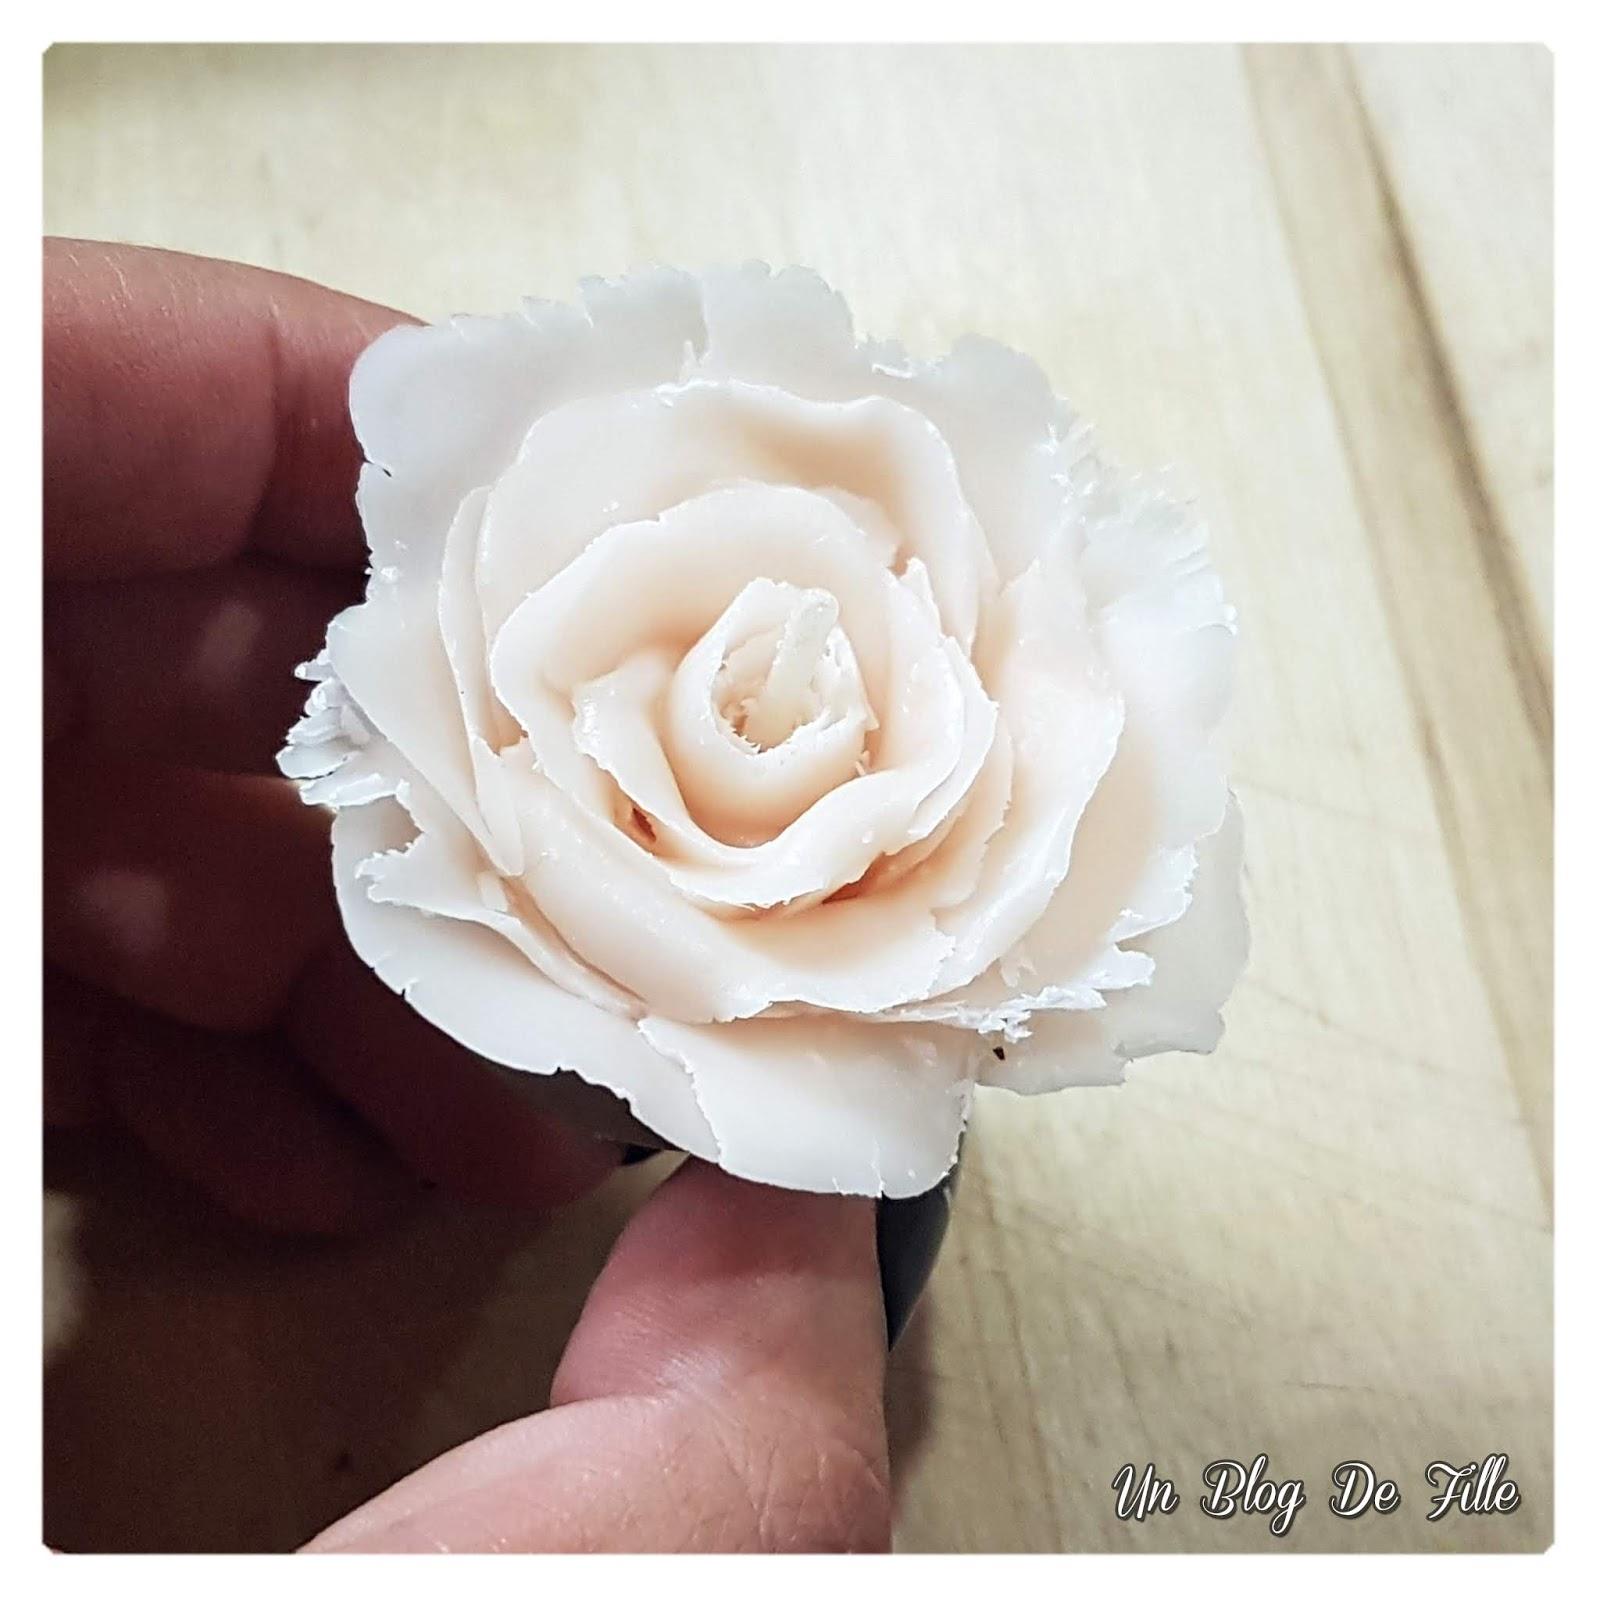 http://www.unblogdefille.fr/2020/02/diy-une-bougie-rose-pour-un-joli-cadeau.html